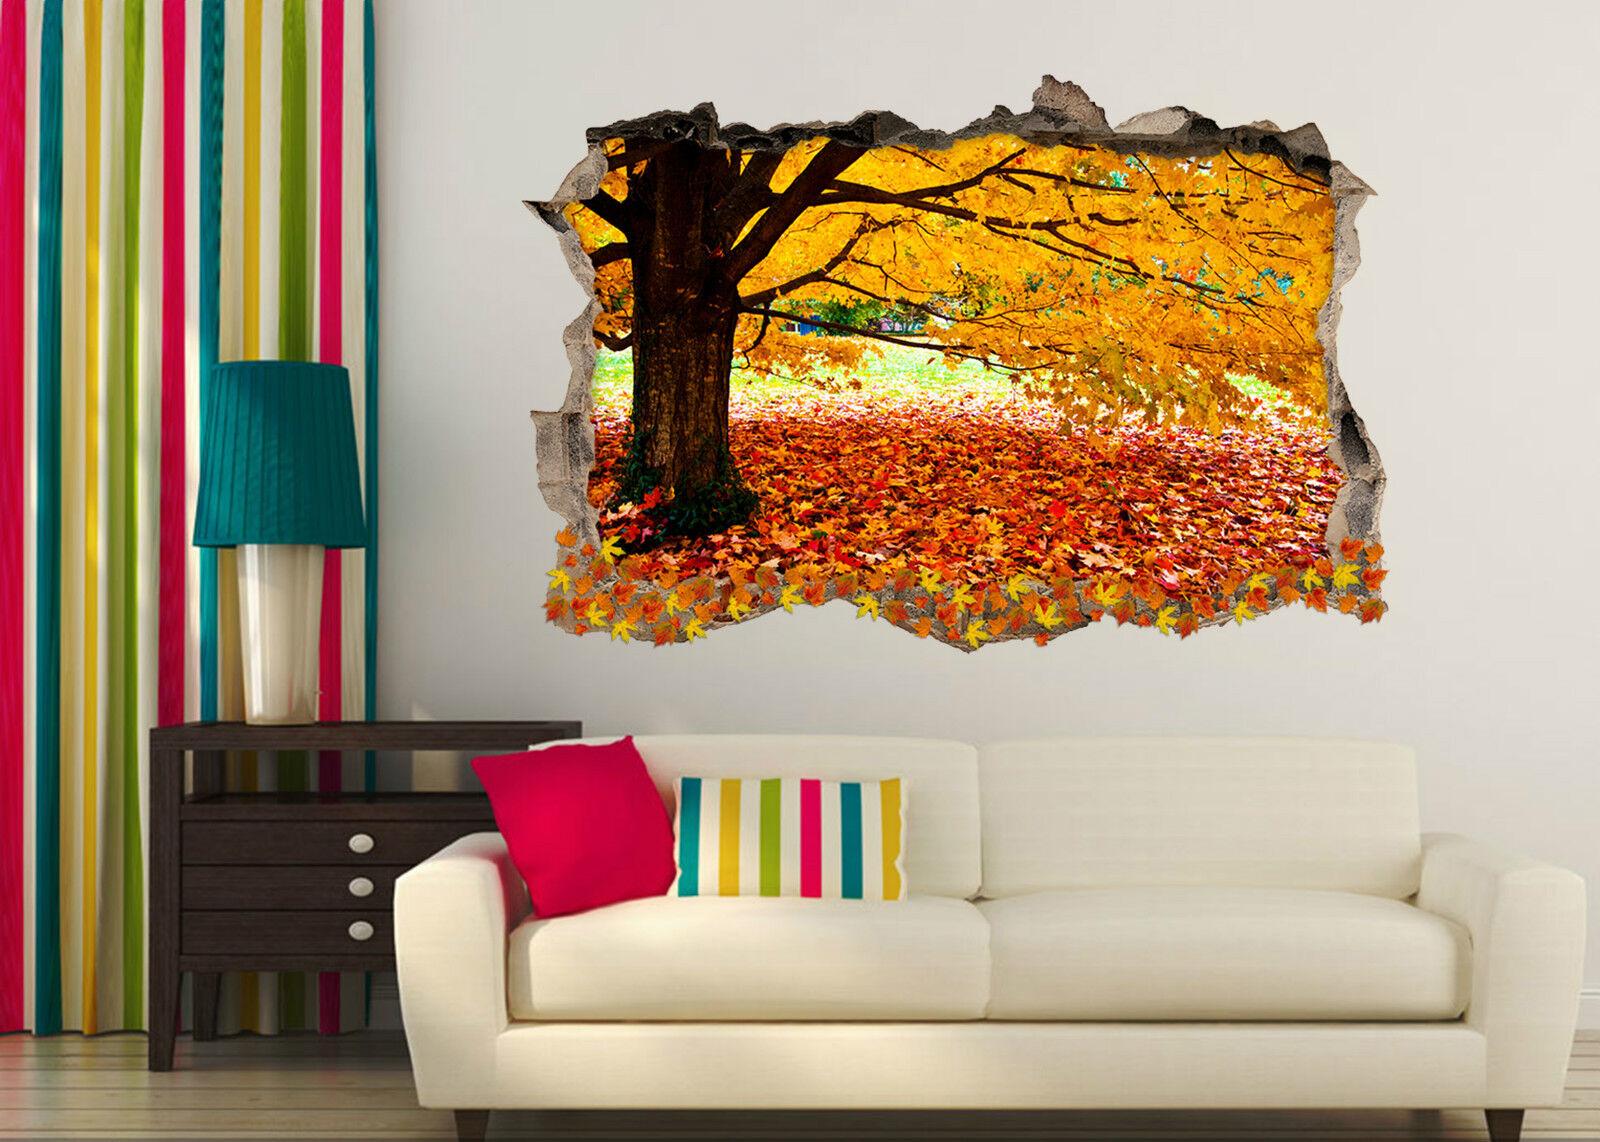 3D Herbst Wald 47 Mauer Murals Aufklebe Decal Durchbruch AJ WALLPAPER DE Lemon